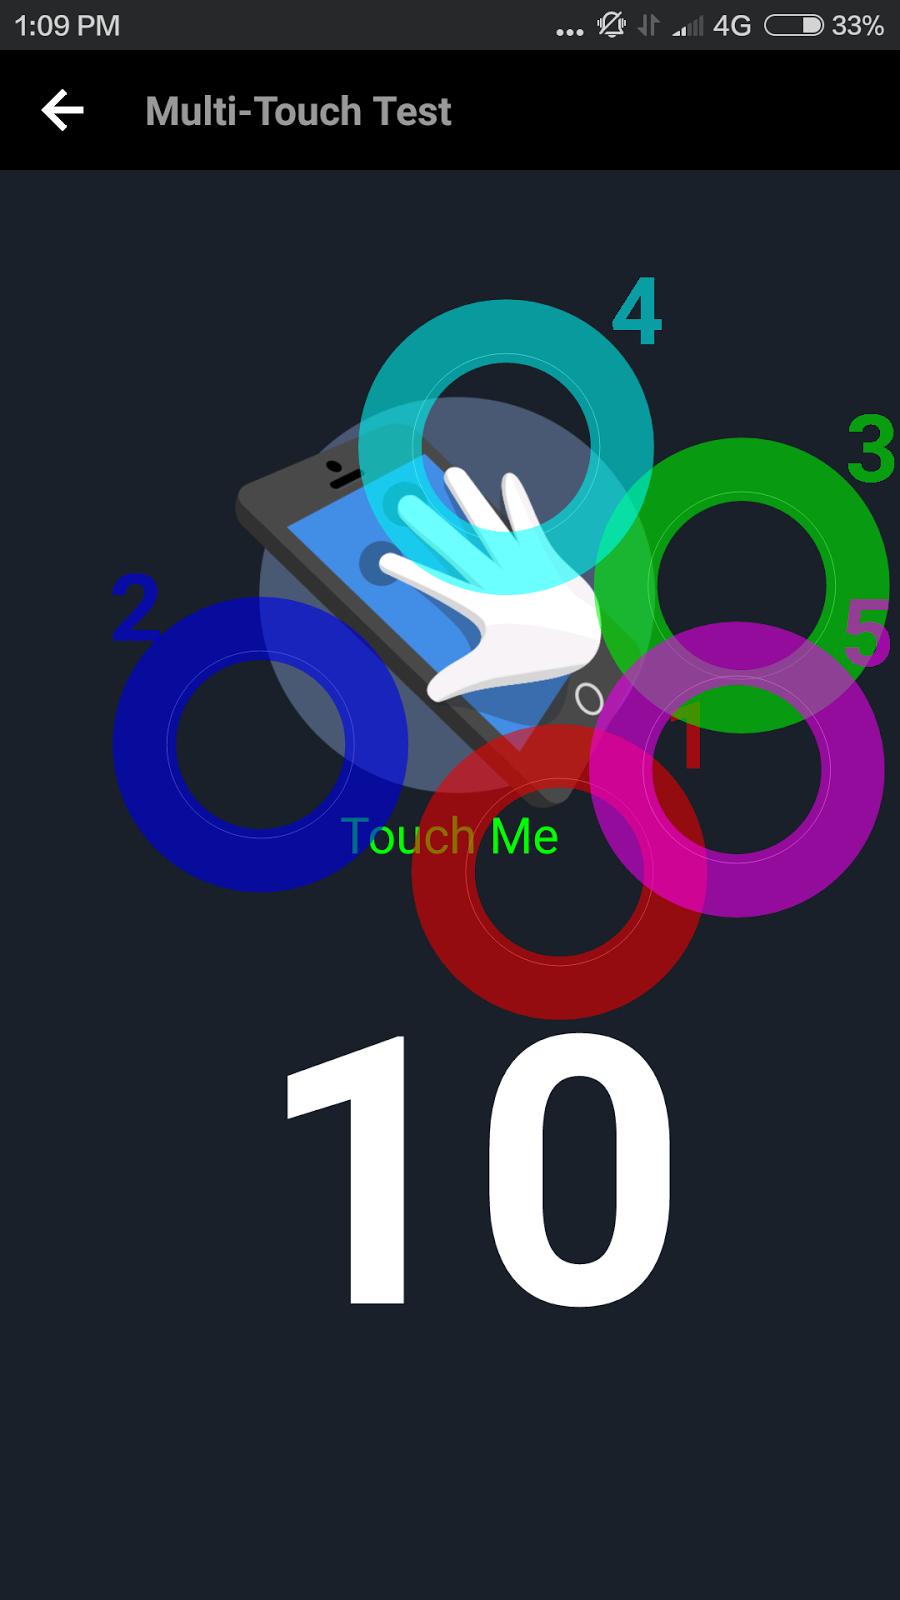 Xiaomi Redmi Note 4: доступный смартпэд - 8